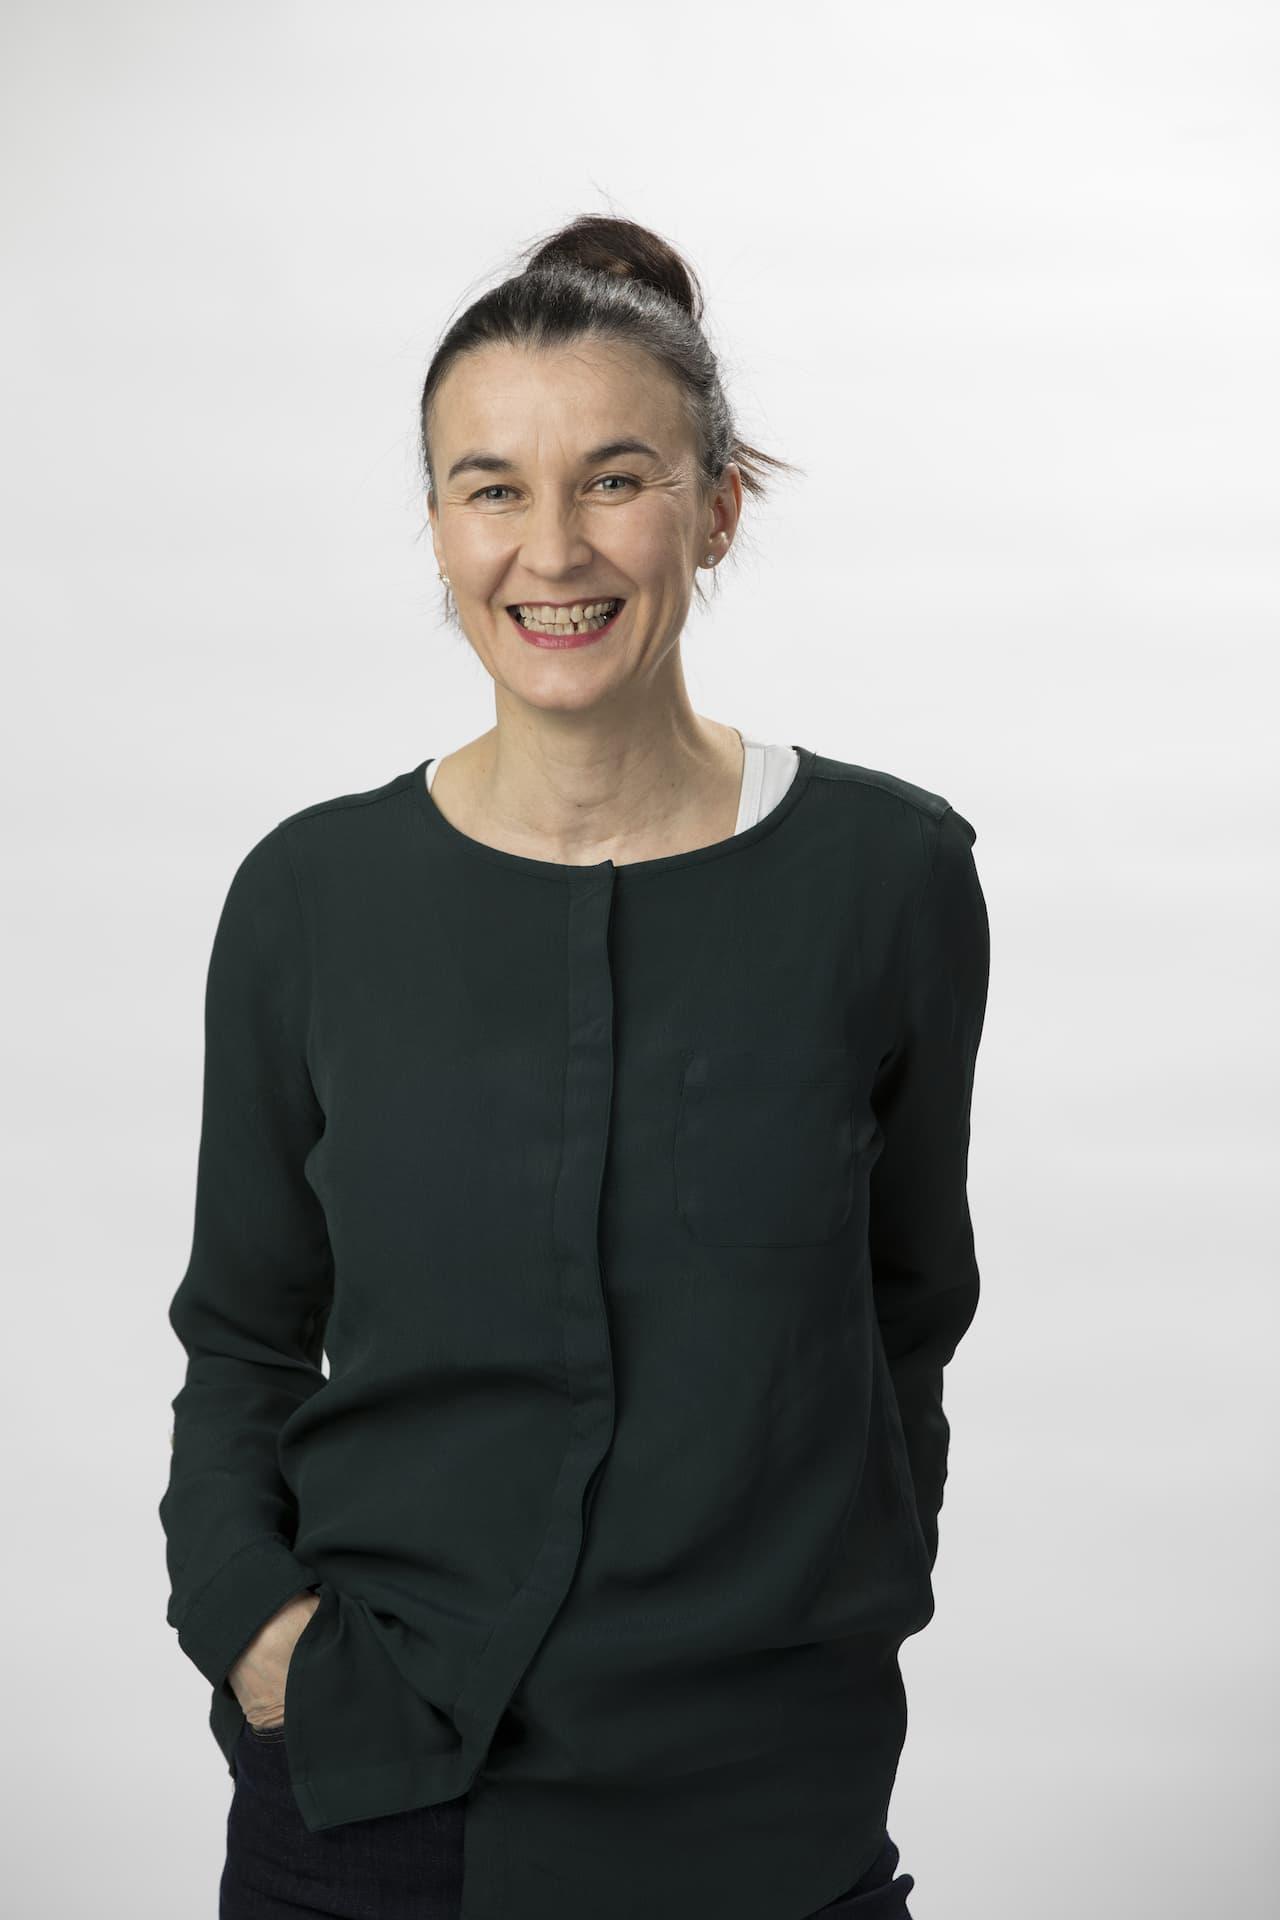 Carola Murakami |Empfang und Labor Freiburg